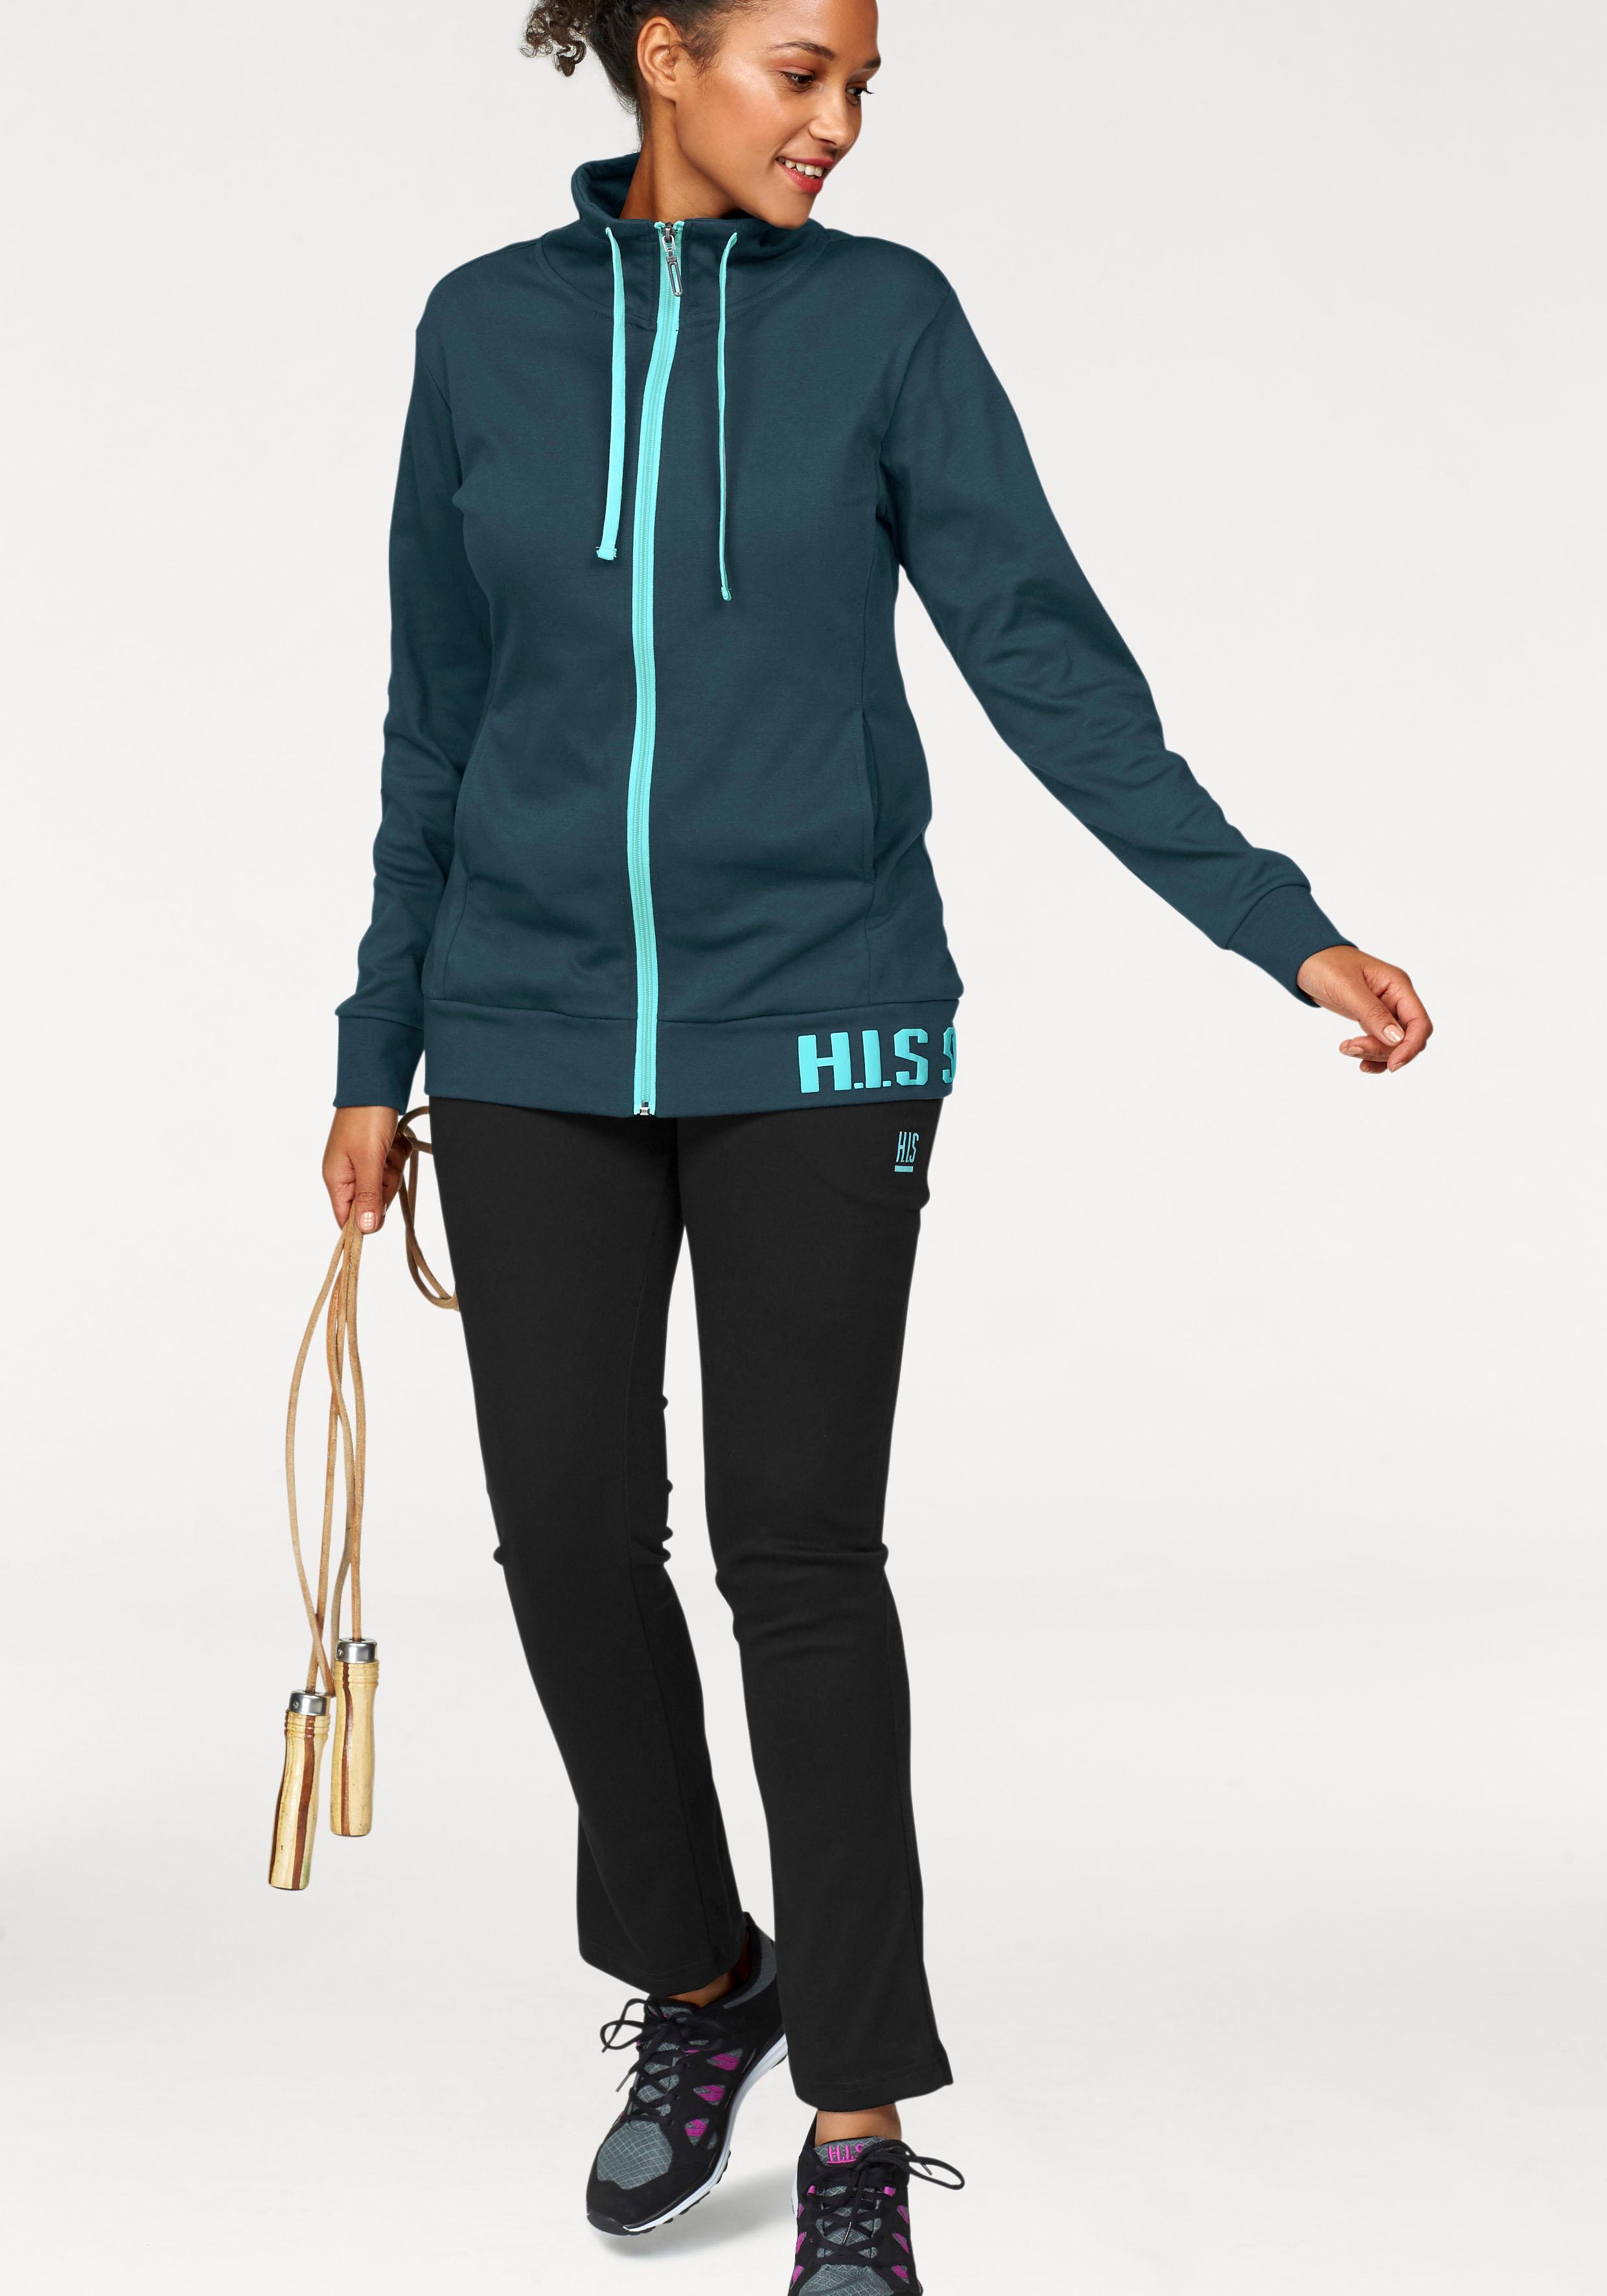 HIS Jogginganzug (Set 2 tlg) | Sportbekleidung > Sportanzüge > Jogginganzüge | Grün | H.I.S